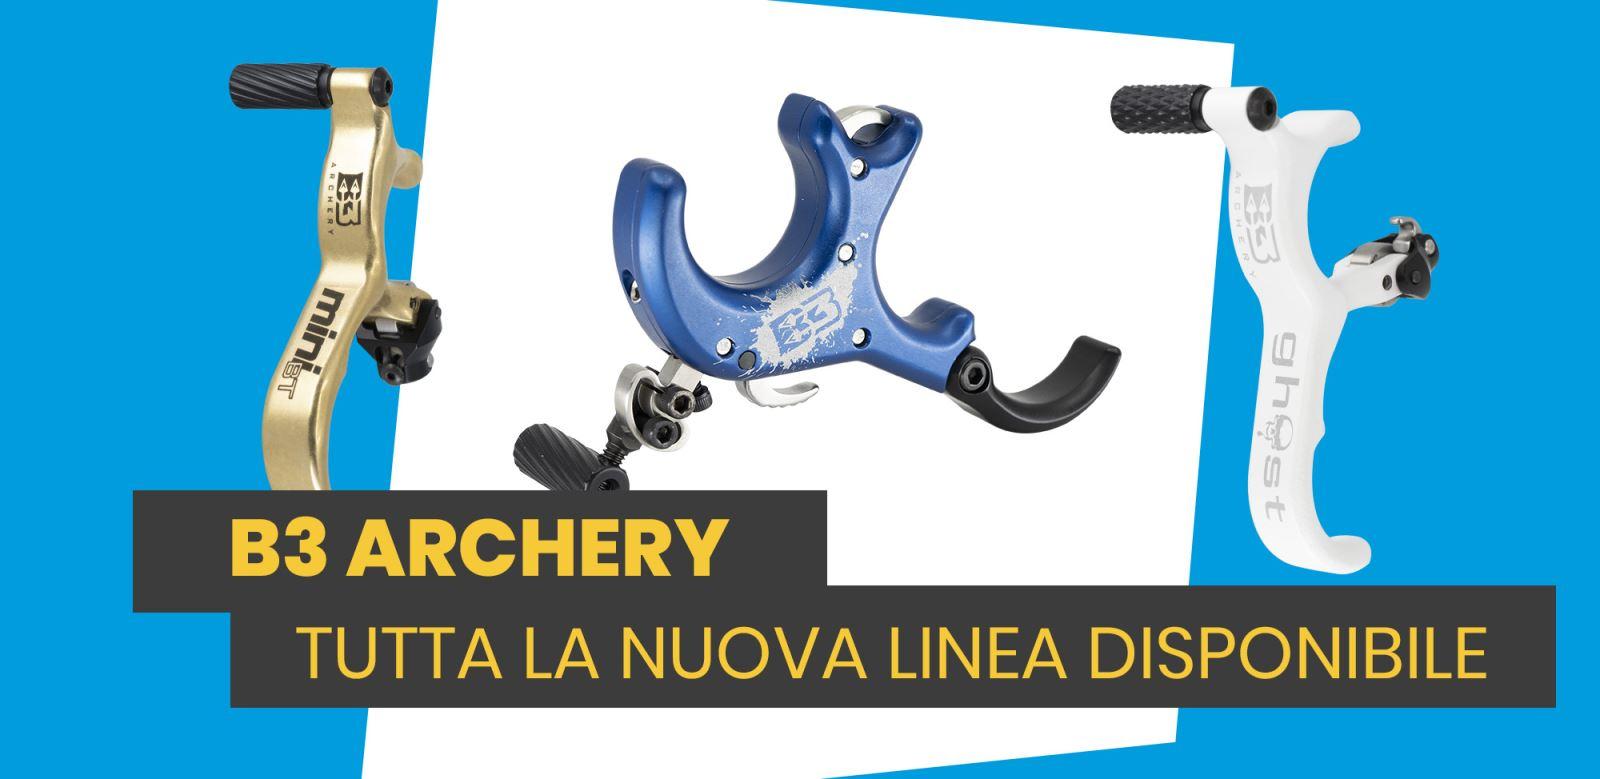 Nuovo Marchio: B3 Archery! Scopri tutta la gamma disponibile ora!